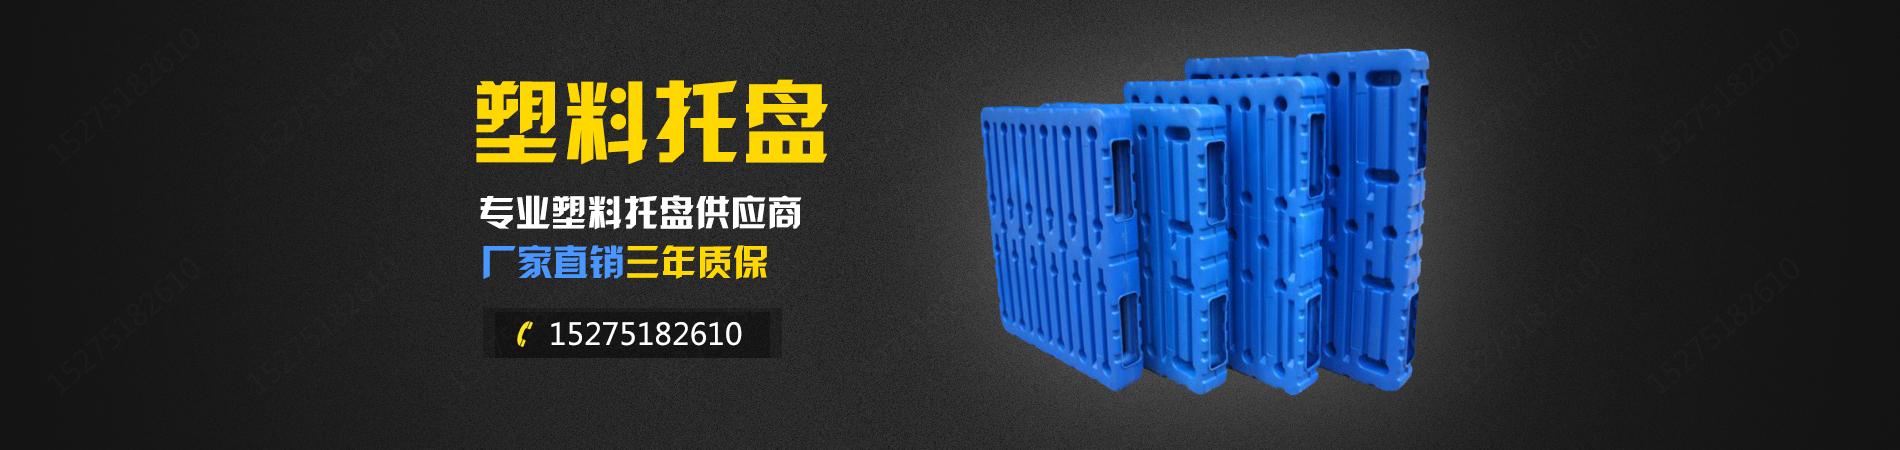 塑料雷竞技网站、宁夏塑料雷竞技网站、西安塑料雷竞技网站、渭南塑料雷竞技网站